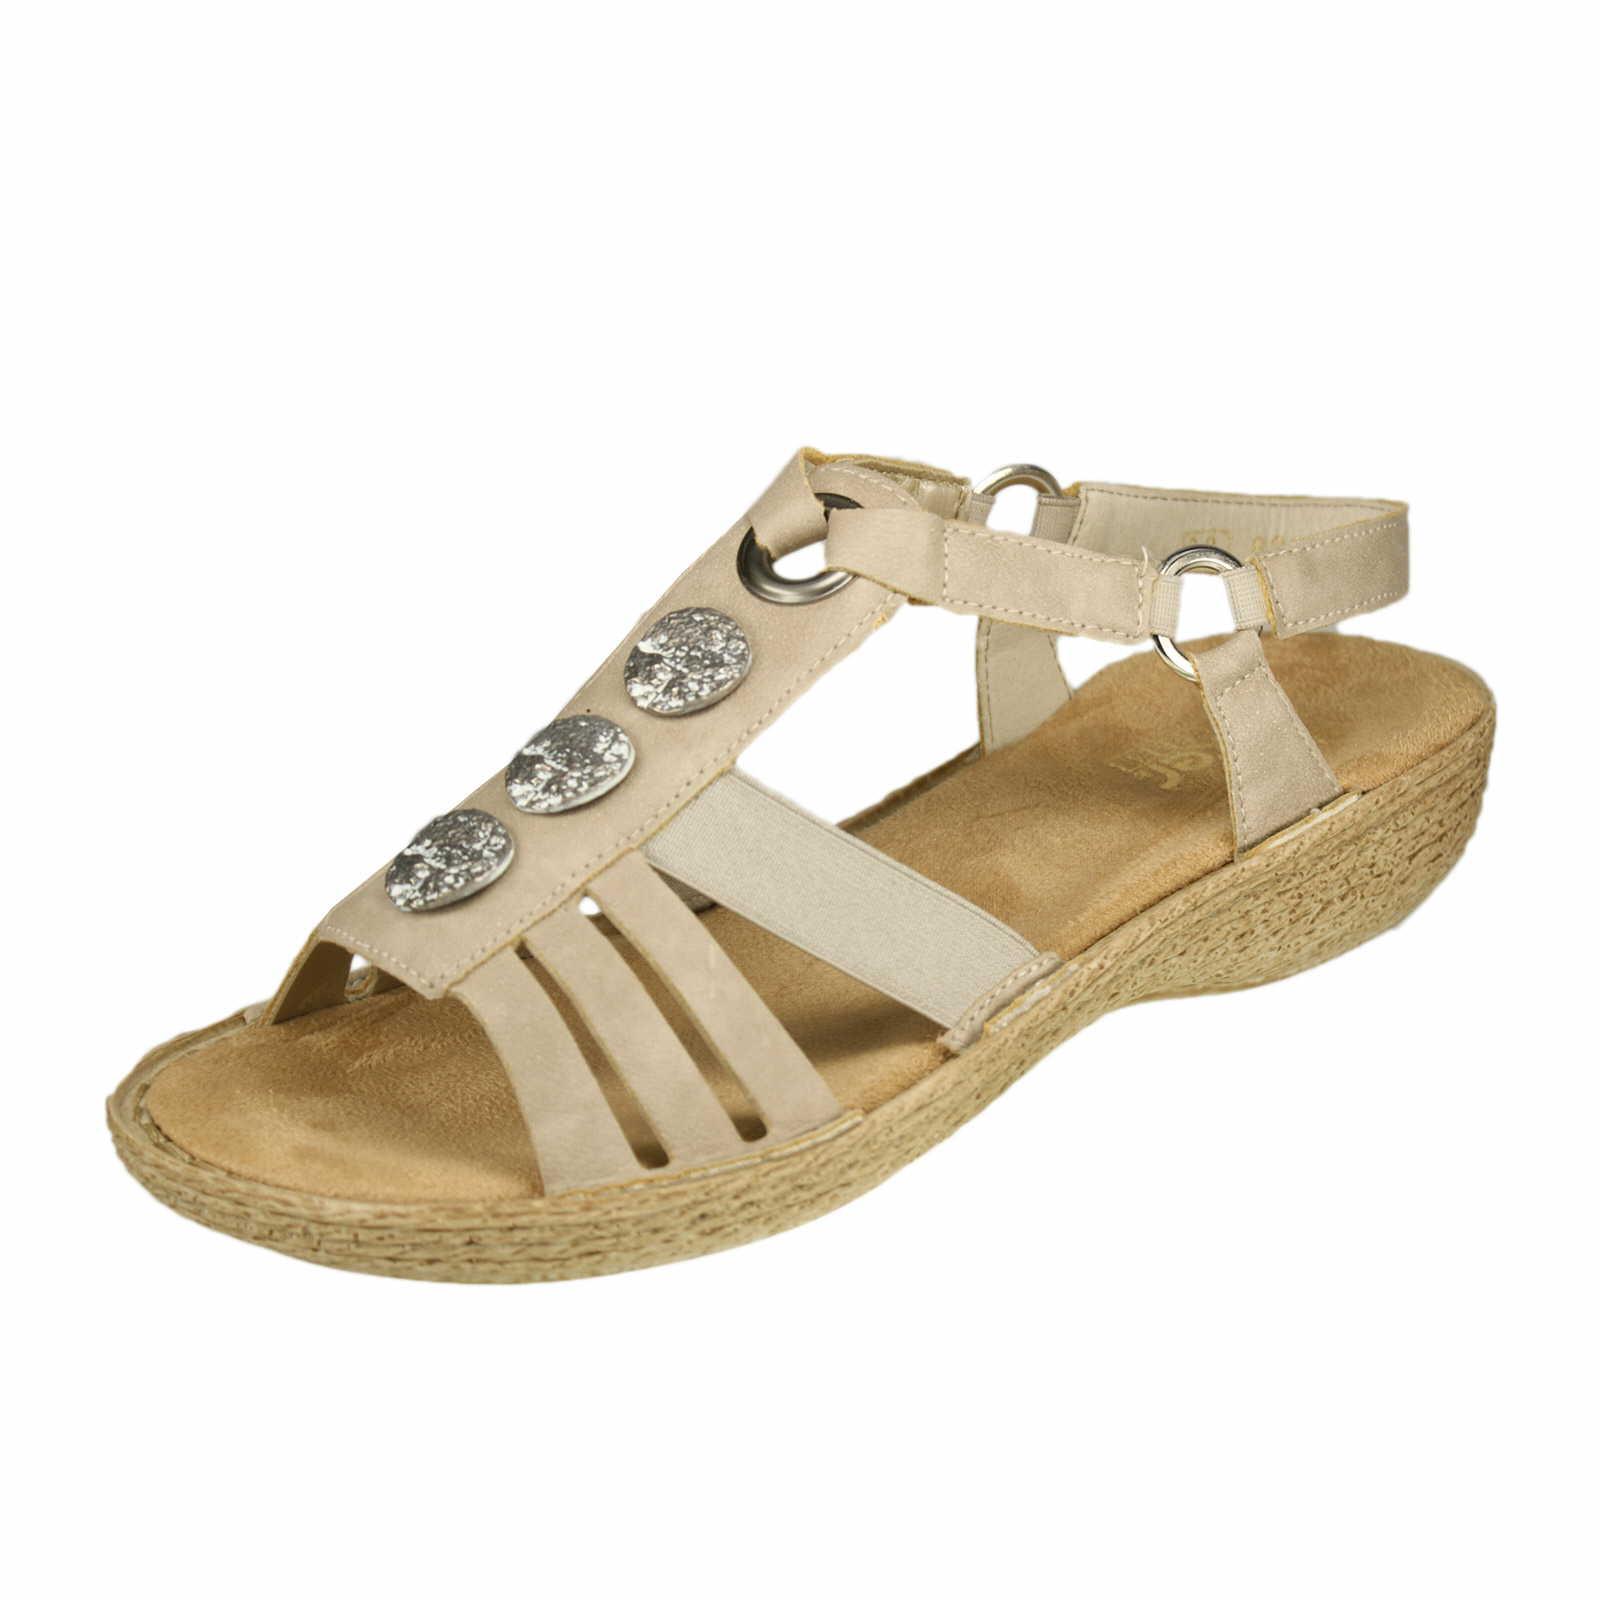 Damen Sandale beige - 65873-60